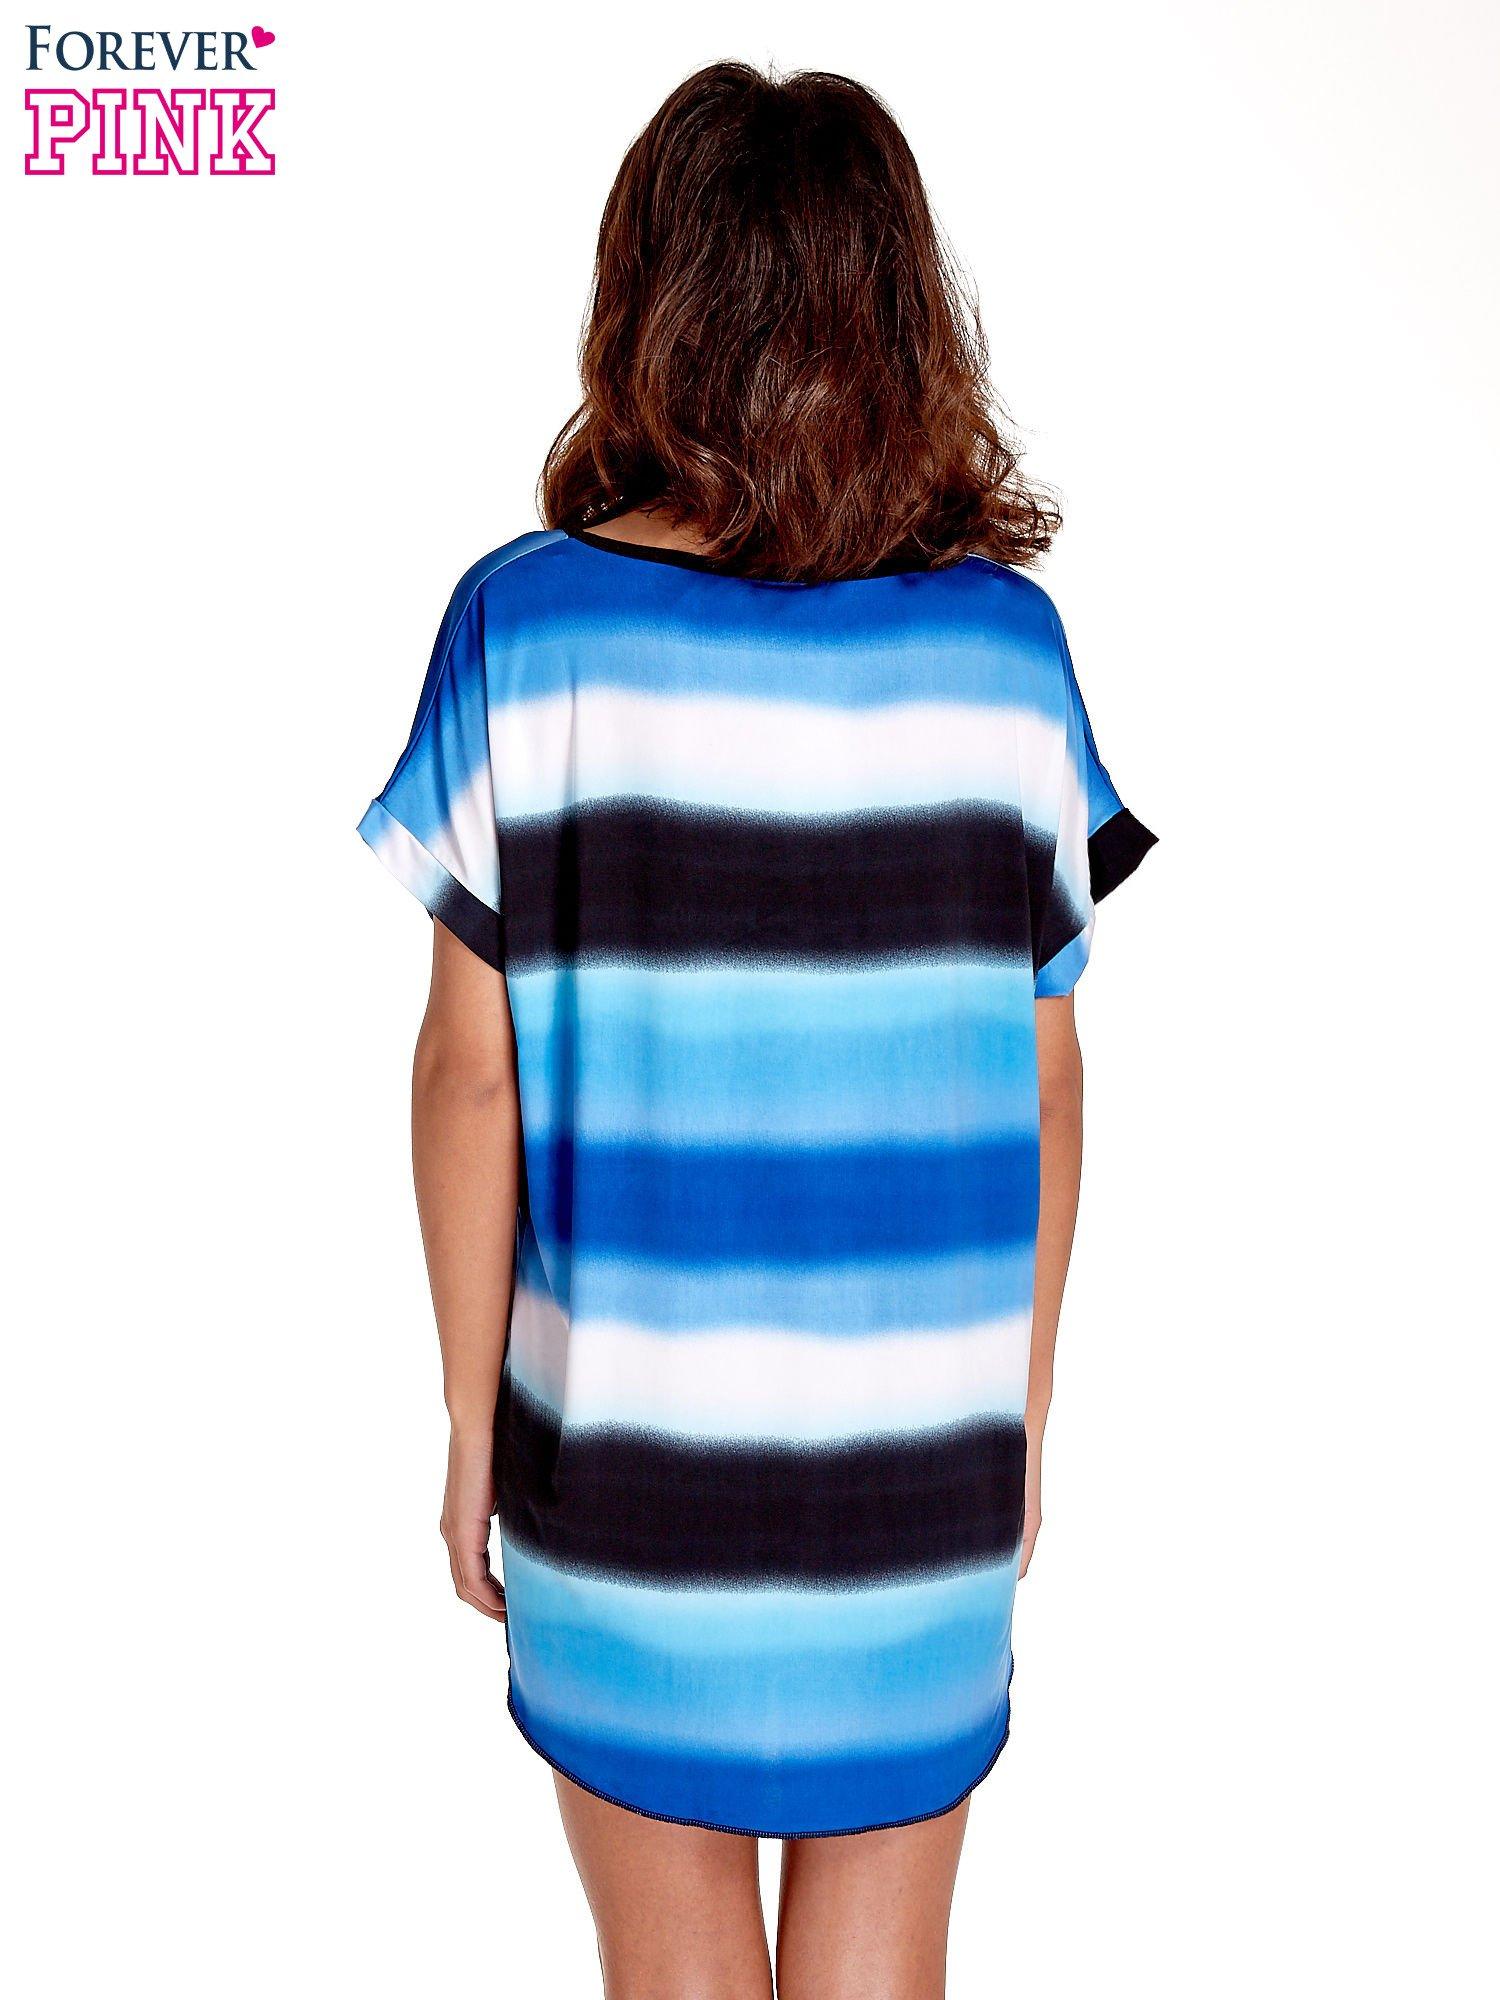 Niebieska tunika w szerokie poziome pasy                                  zdj.                                  4